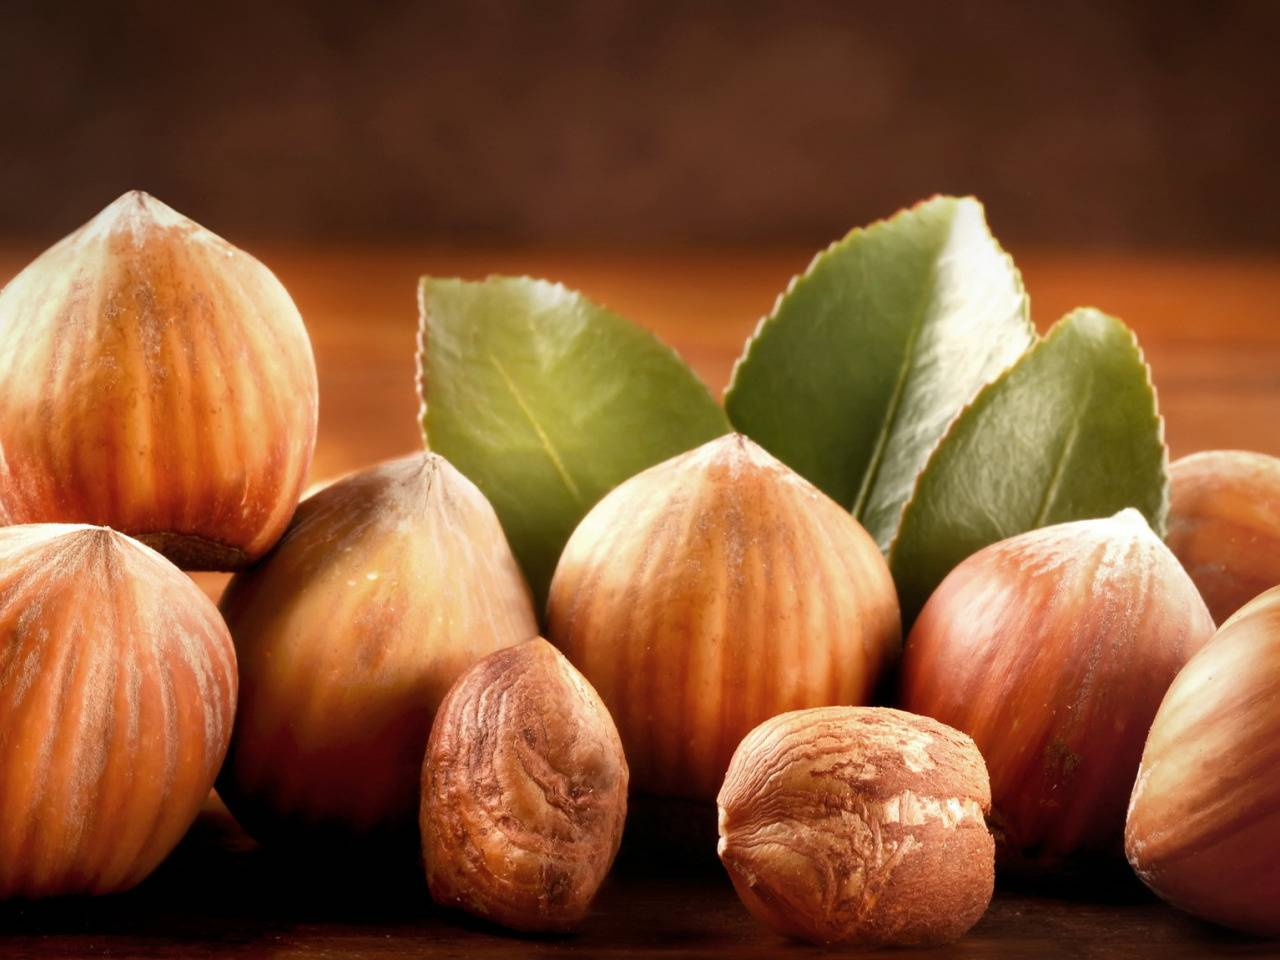 Фундук: польза и вред, калорийность, в чем секрет продукта? фундук – самый полезный продукт из семейства орехоплодных - автор екатерина данилова - журнал женское мнение